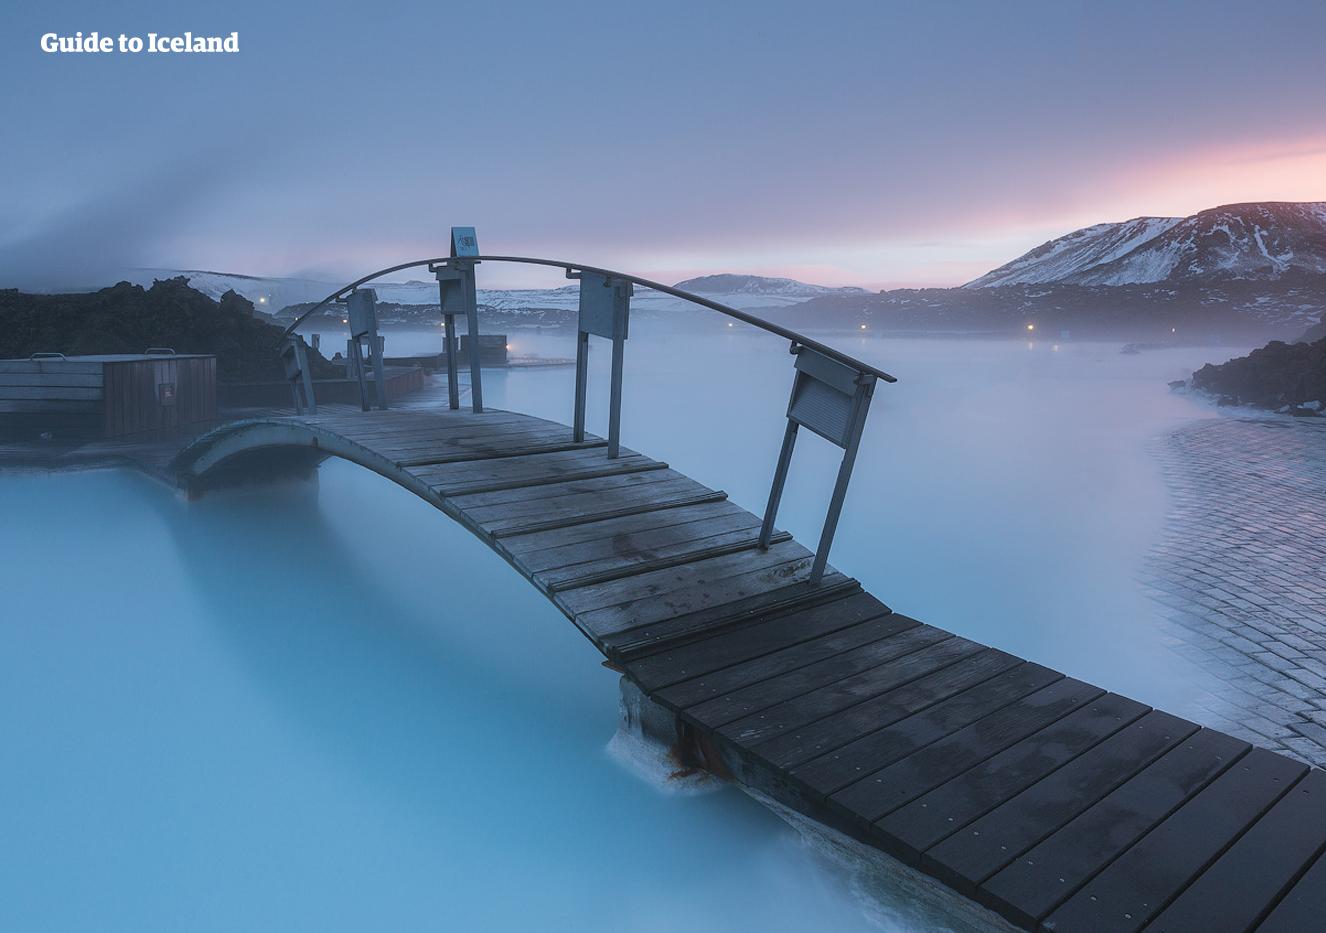 泡冰岛蓝湖温泉为您的冰岛自由行画上完美的句号